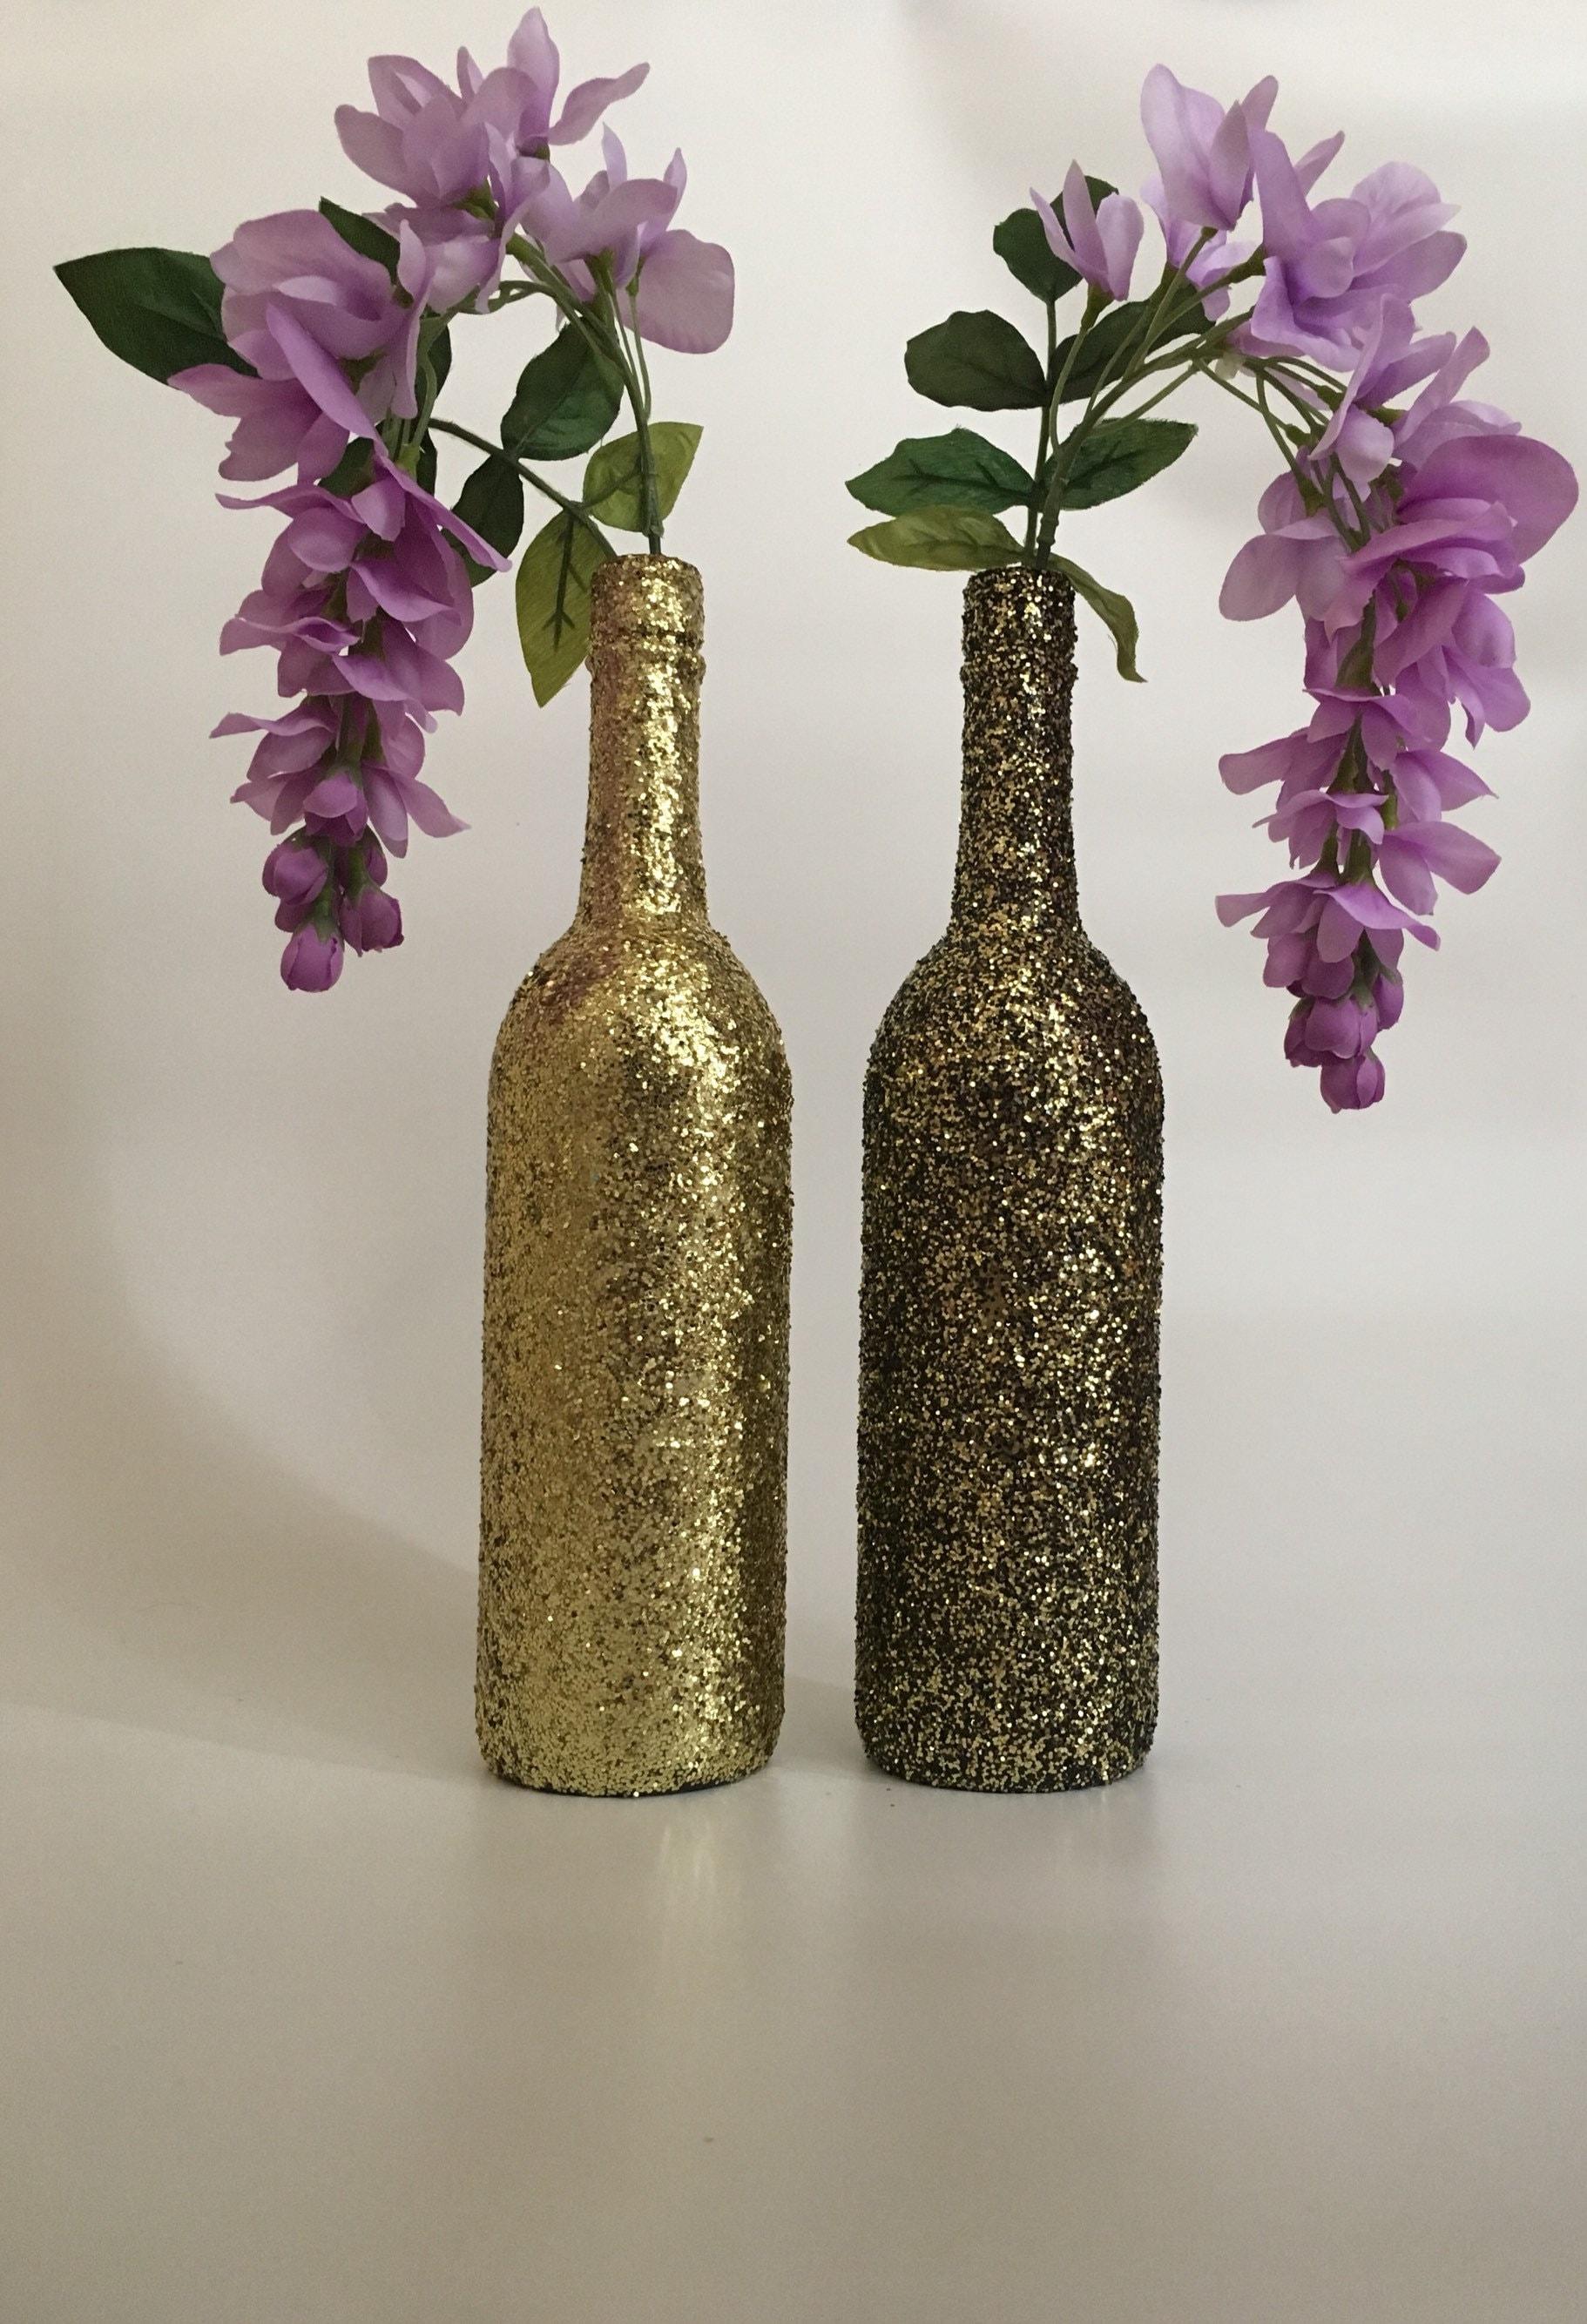 zoom Set of 2 Glitter Wine Bottles